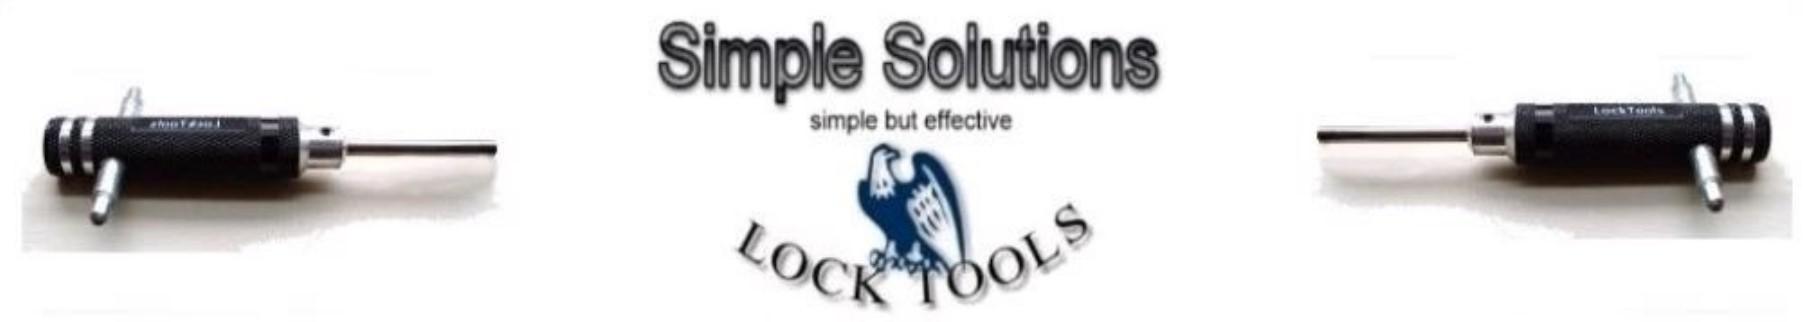 Lock Tools Image